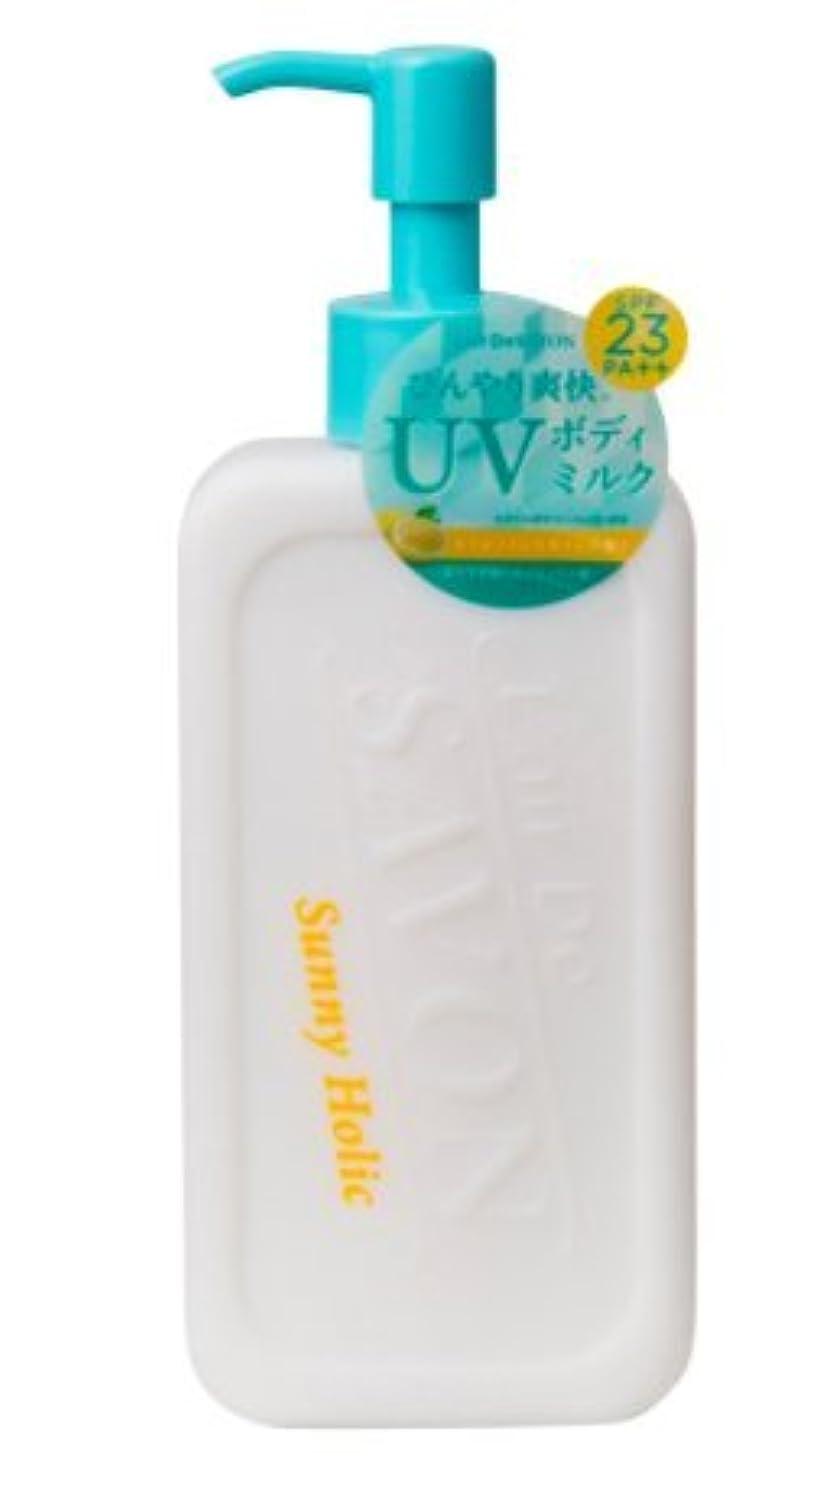 セラフ賛辞適切にレール デュ サボン L'air De SAVON レールデュサボン アイスミルクUV サニーホリック 200ml 数量限定品 fs